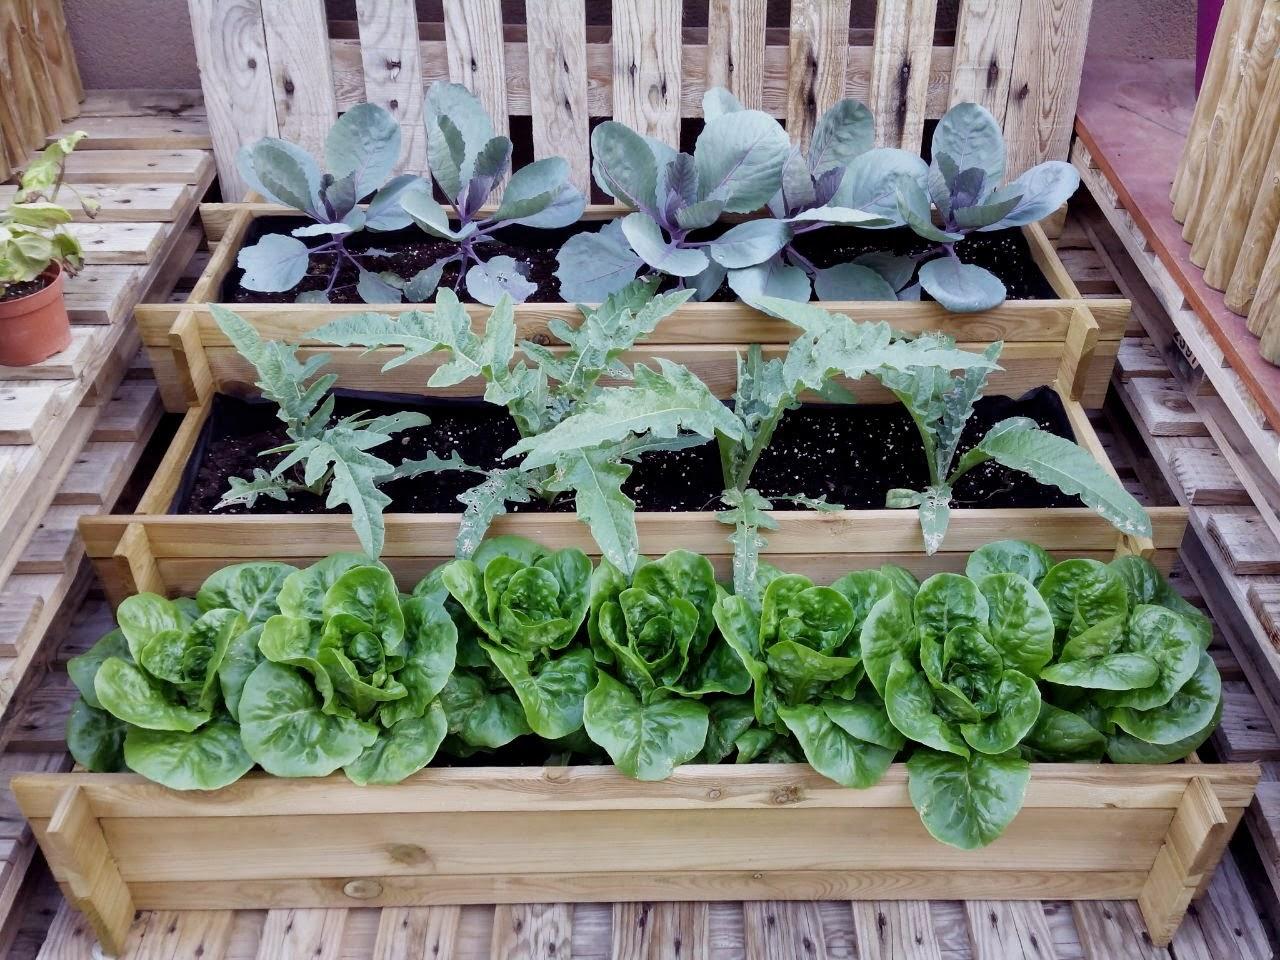 Fmdos cl haz tu propio huerto cultiva tus alimentos y - Tu huerto en casa ...